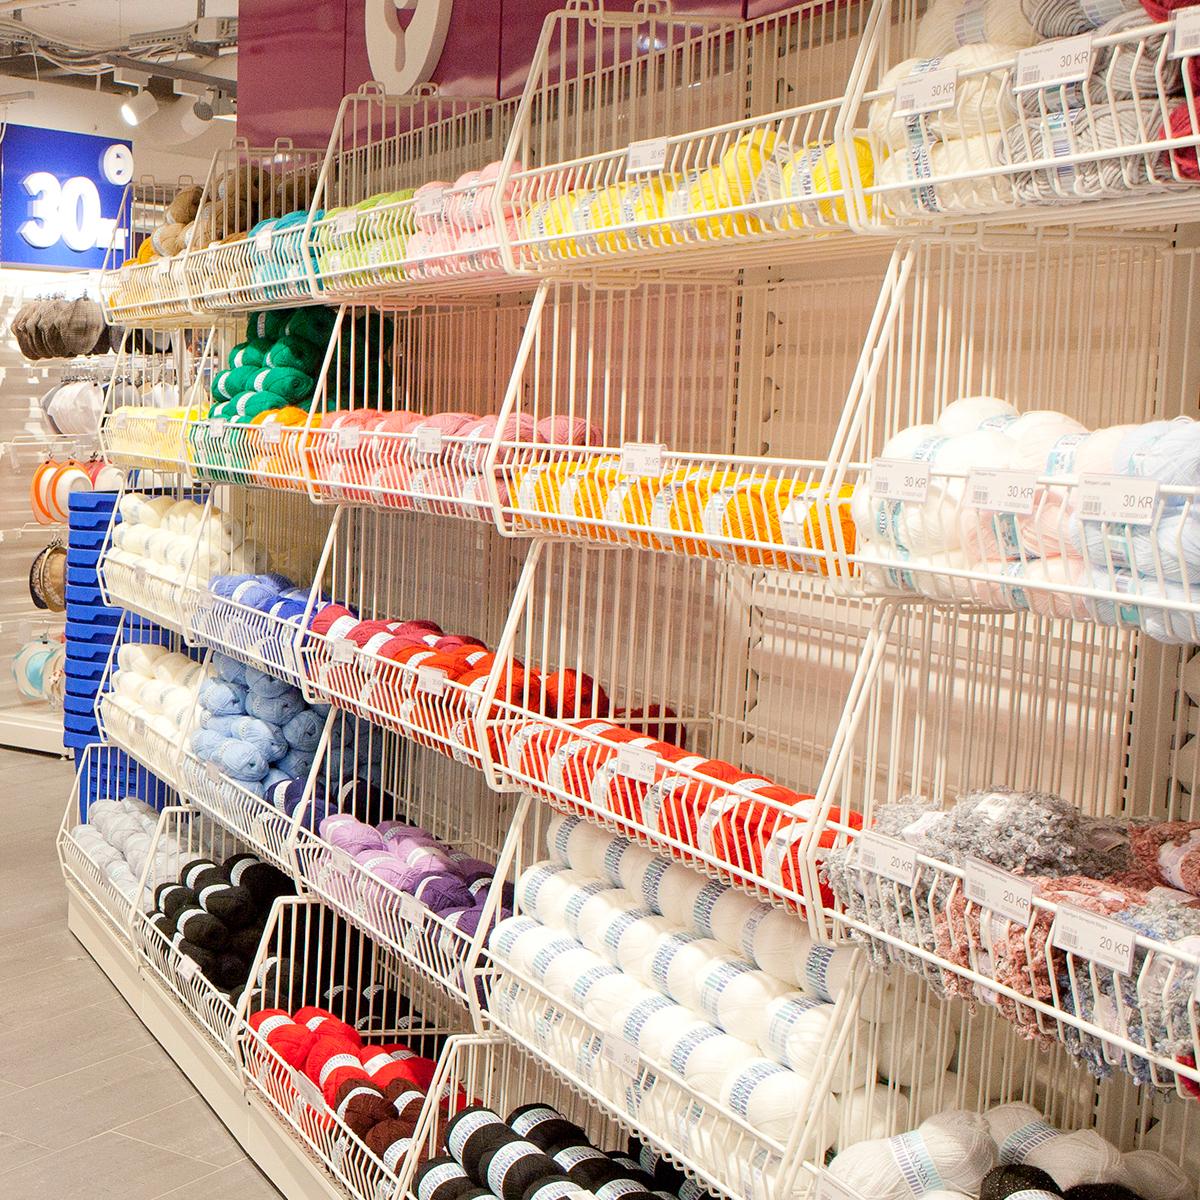 Dollarstore Grønland tekstilavdeling